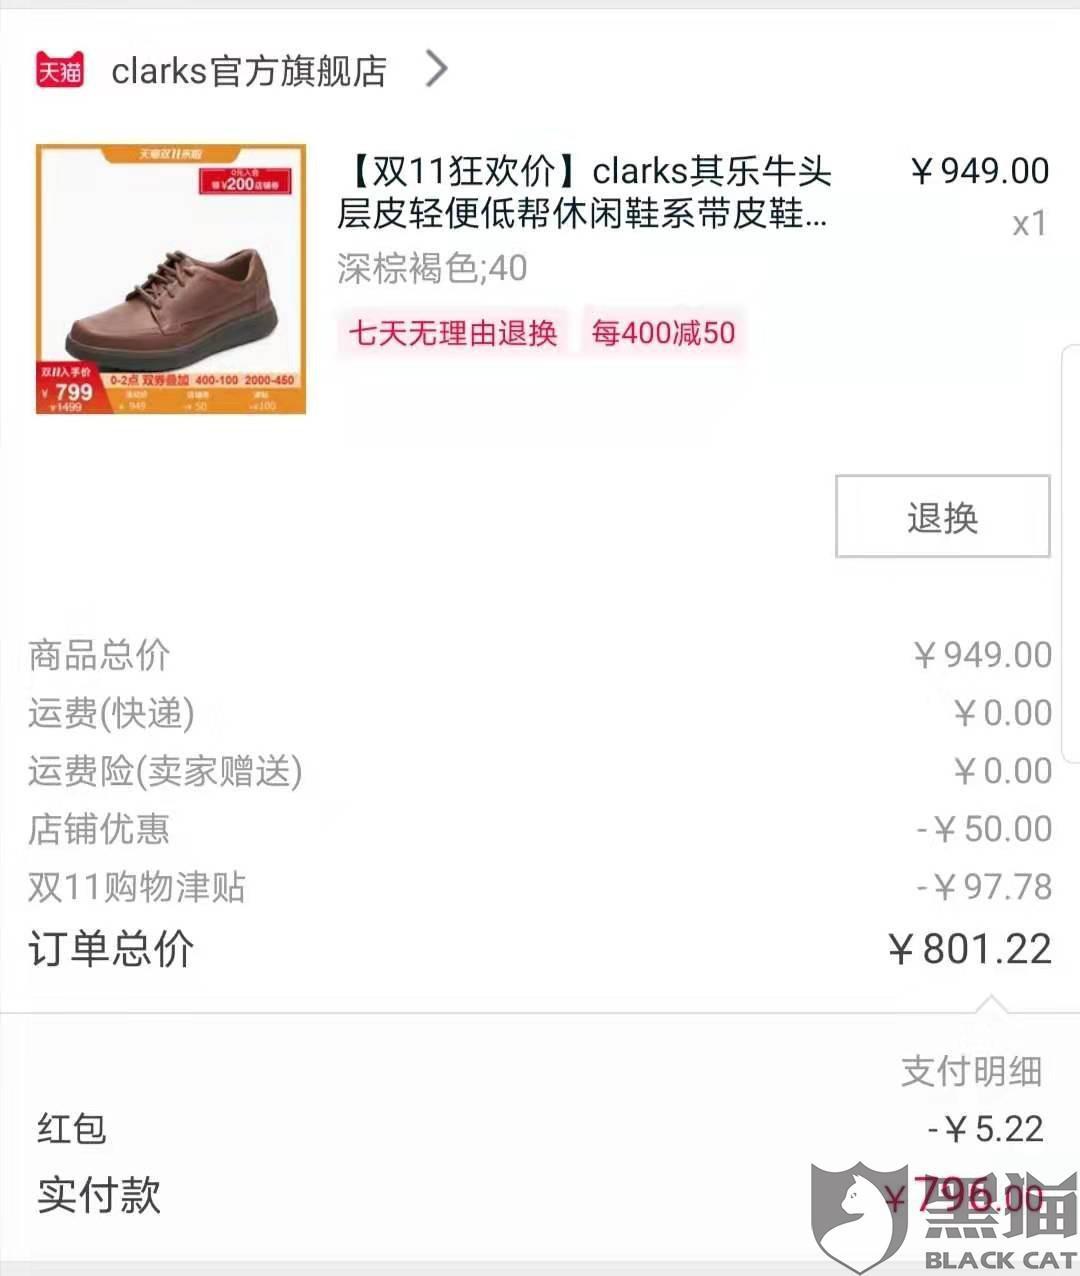 黑猫投诉:凌晨买的鞋子一天之内降价100